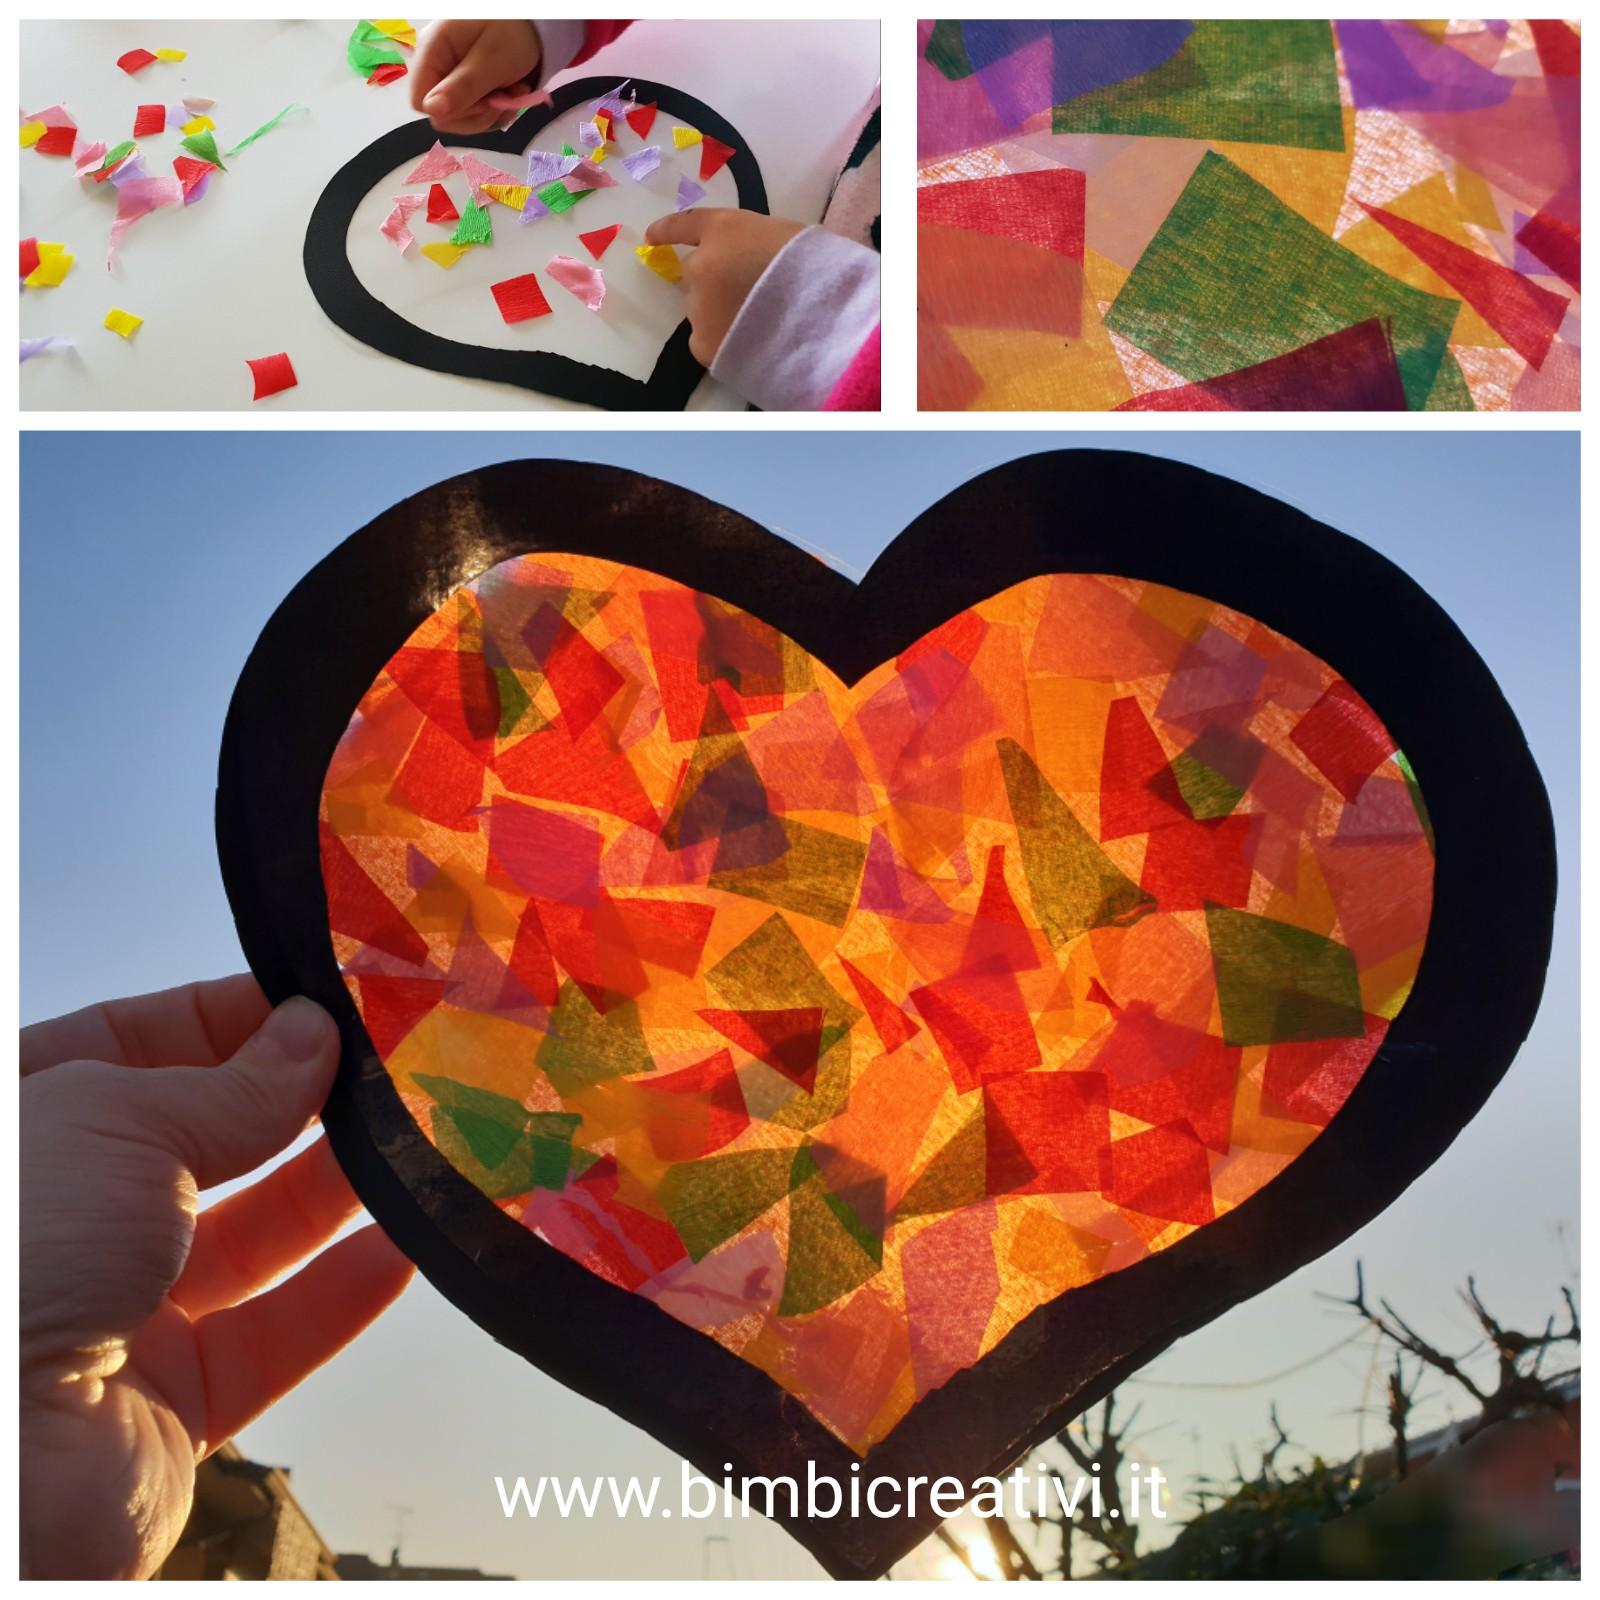 Cose Creative Con La Carta cuore colorato da realizzare con i bambini